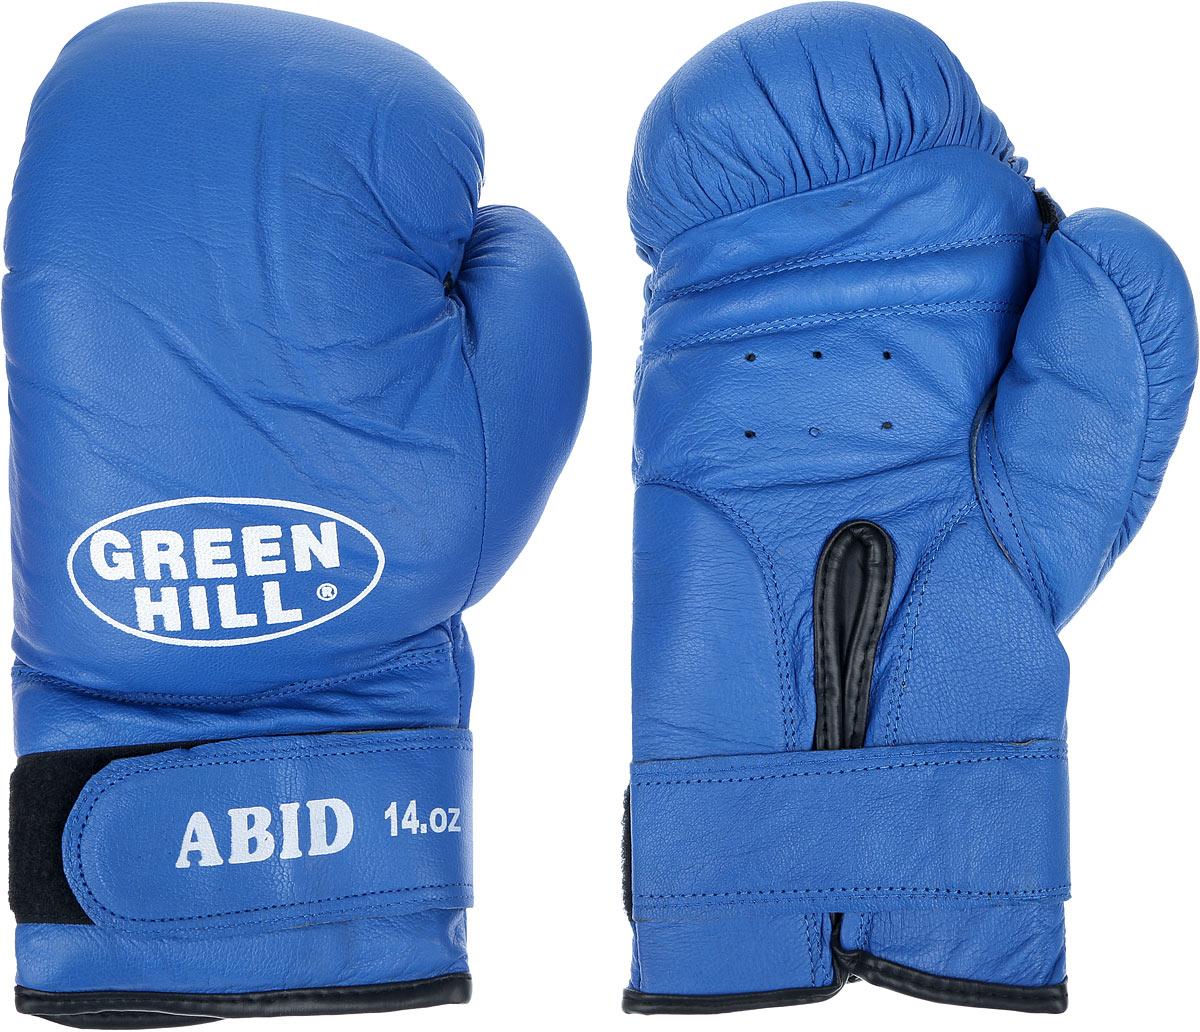 Перчатки боксерские Green Hill Abid, цвет: синий, белый. Вес 14 унцийBGA-2024Боксерские тренировочные перчатки Green Hill Abid выполнены из натуральной кожи. Они отлично подойдут для начинающих спортсменов. Мягкий наполнитель из очеса предотвращает любые травмы. Отверстия в районе ладони обеспечивают вентиляцию. Широкий ремень, охватывая запястье, полностью оборачивается вокруг манжеты, благодаря чему создается дополнительная защита лучезапястного сустава от травмирования. Застежка на липучке способствует быстрому и удобному надеванию перчаток, плотно фиксирует перчатки на руке.